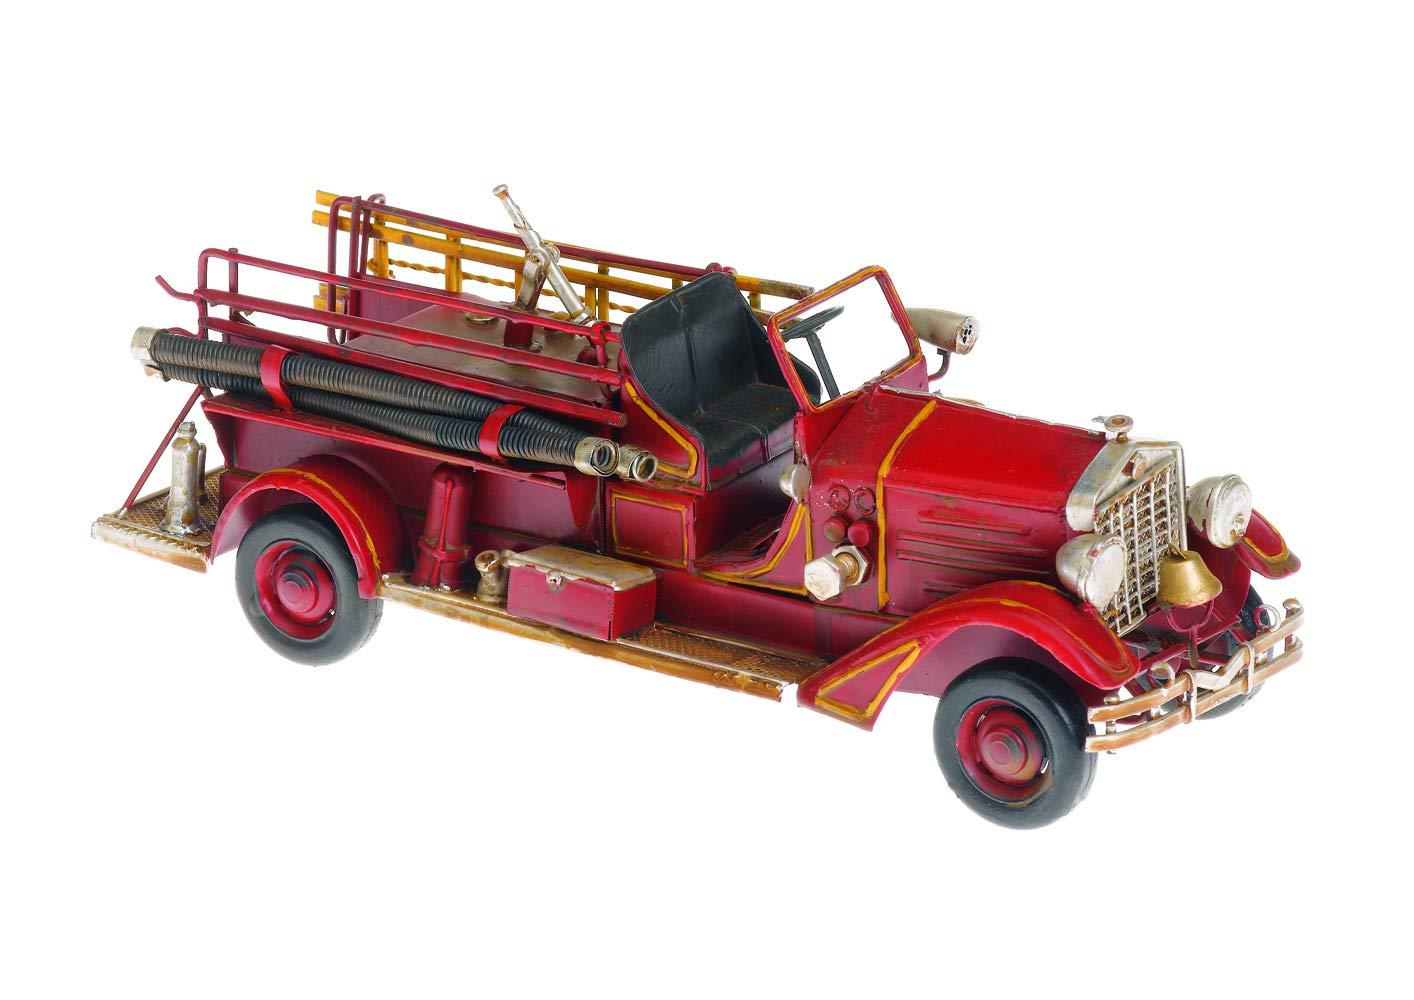 Pamer-Toys Modellino Macchina di Latta in Stile Antico-Retro-Vintage 25-35 cm Lunghezza ca Trattore, Verde